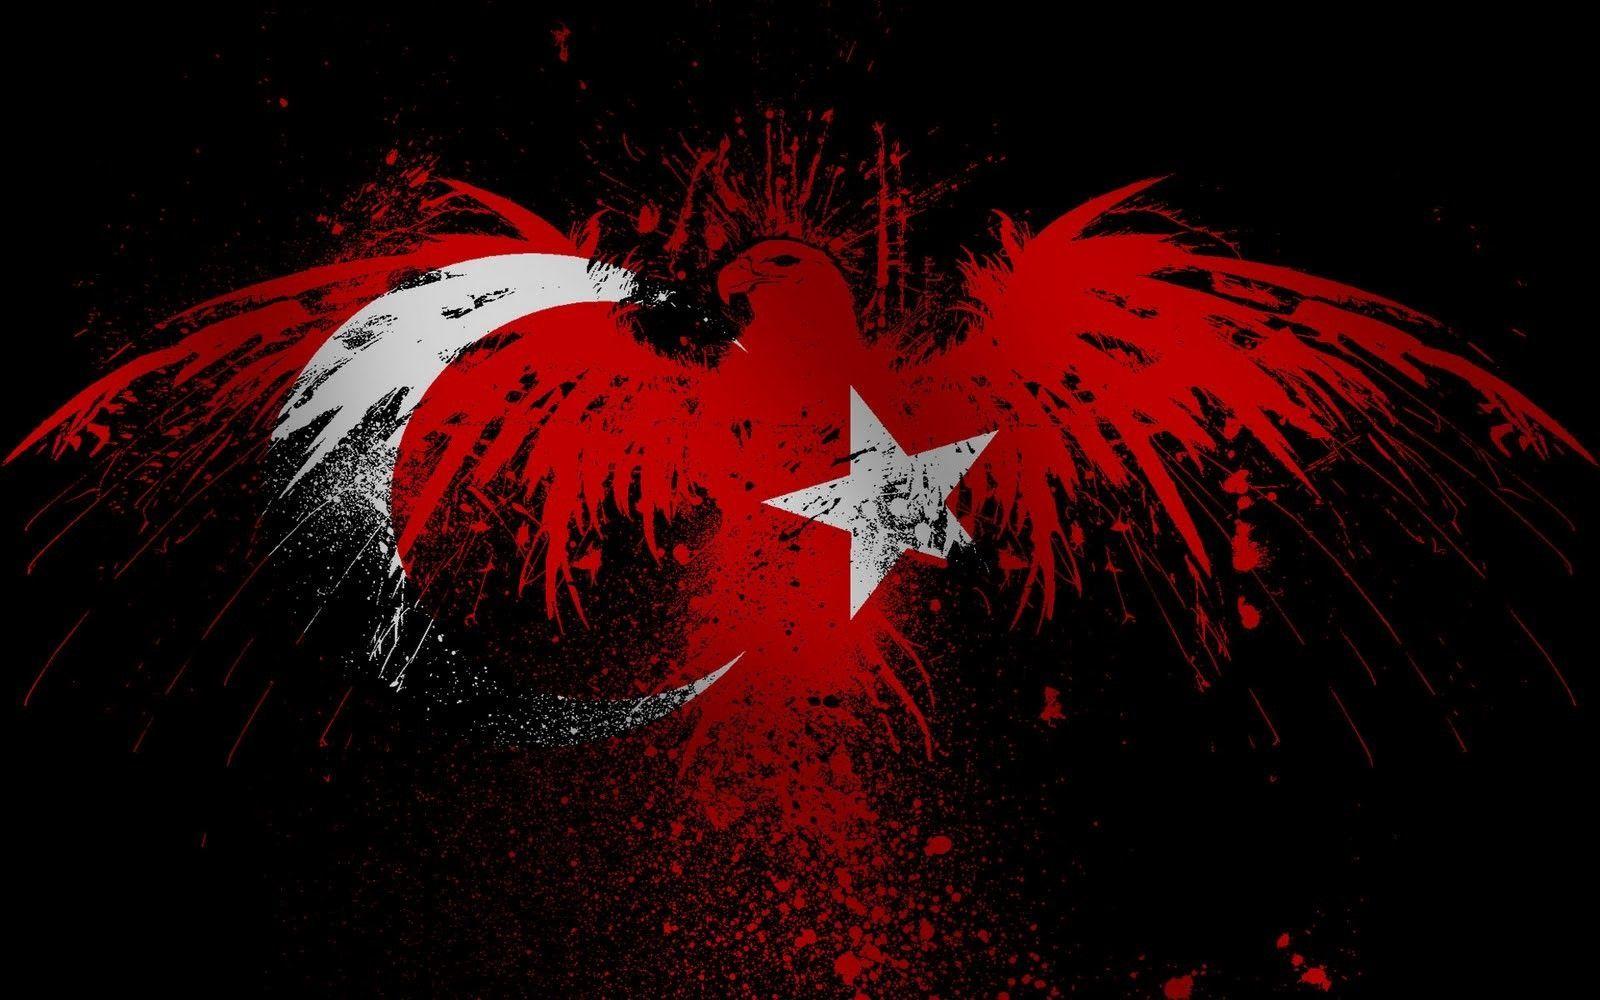 En Guzel Turk Bayragi Duvar Kagitlari Turk Bayraklari Bayrak Resim Resimler